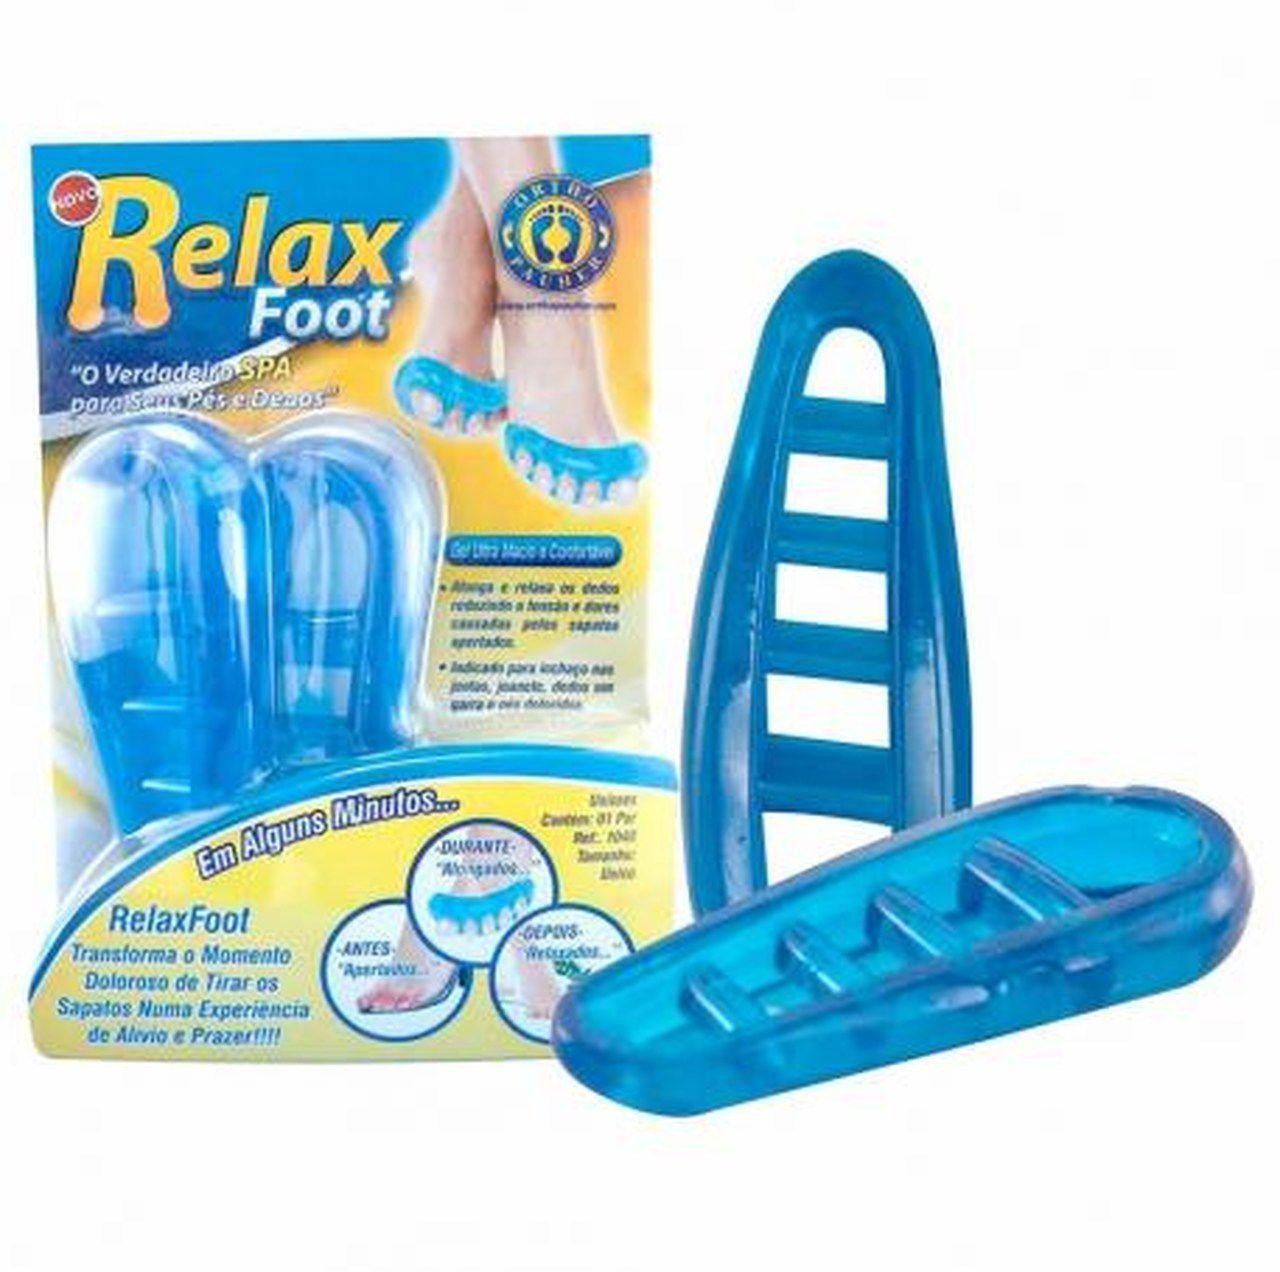 Separador de Dedos em Gel Relax Foot